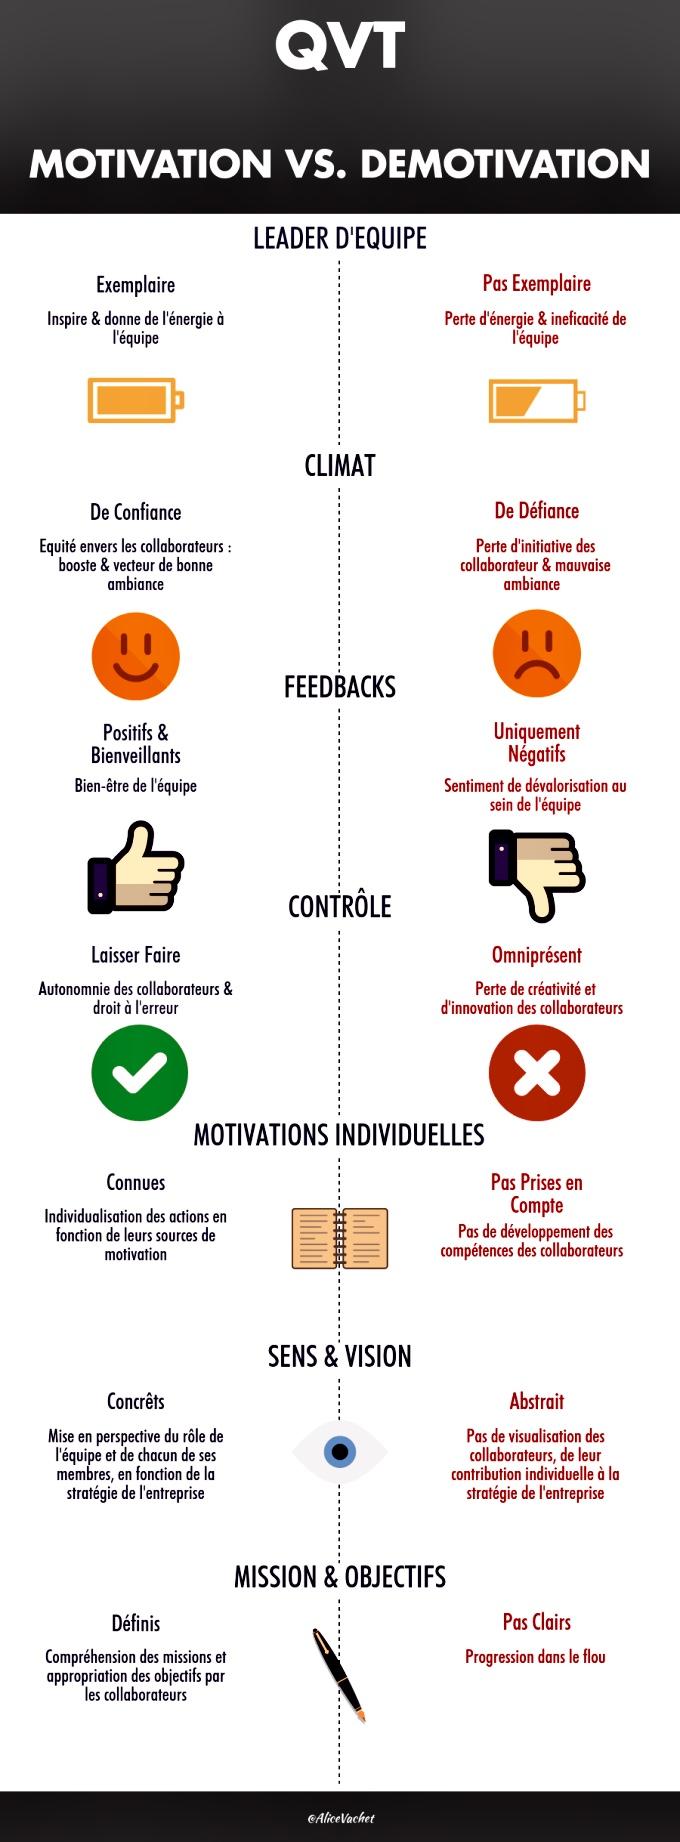 [Infographie] QVT : Motivation Vs. Démotivation☝🏻